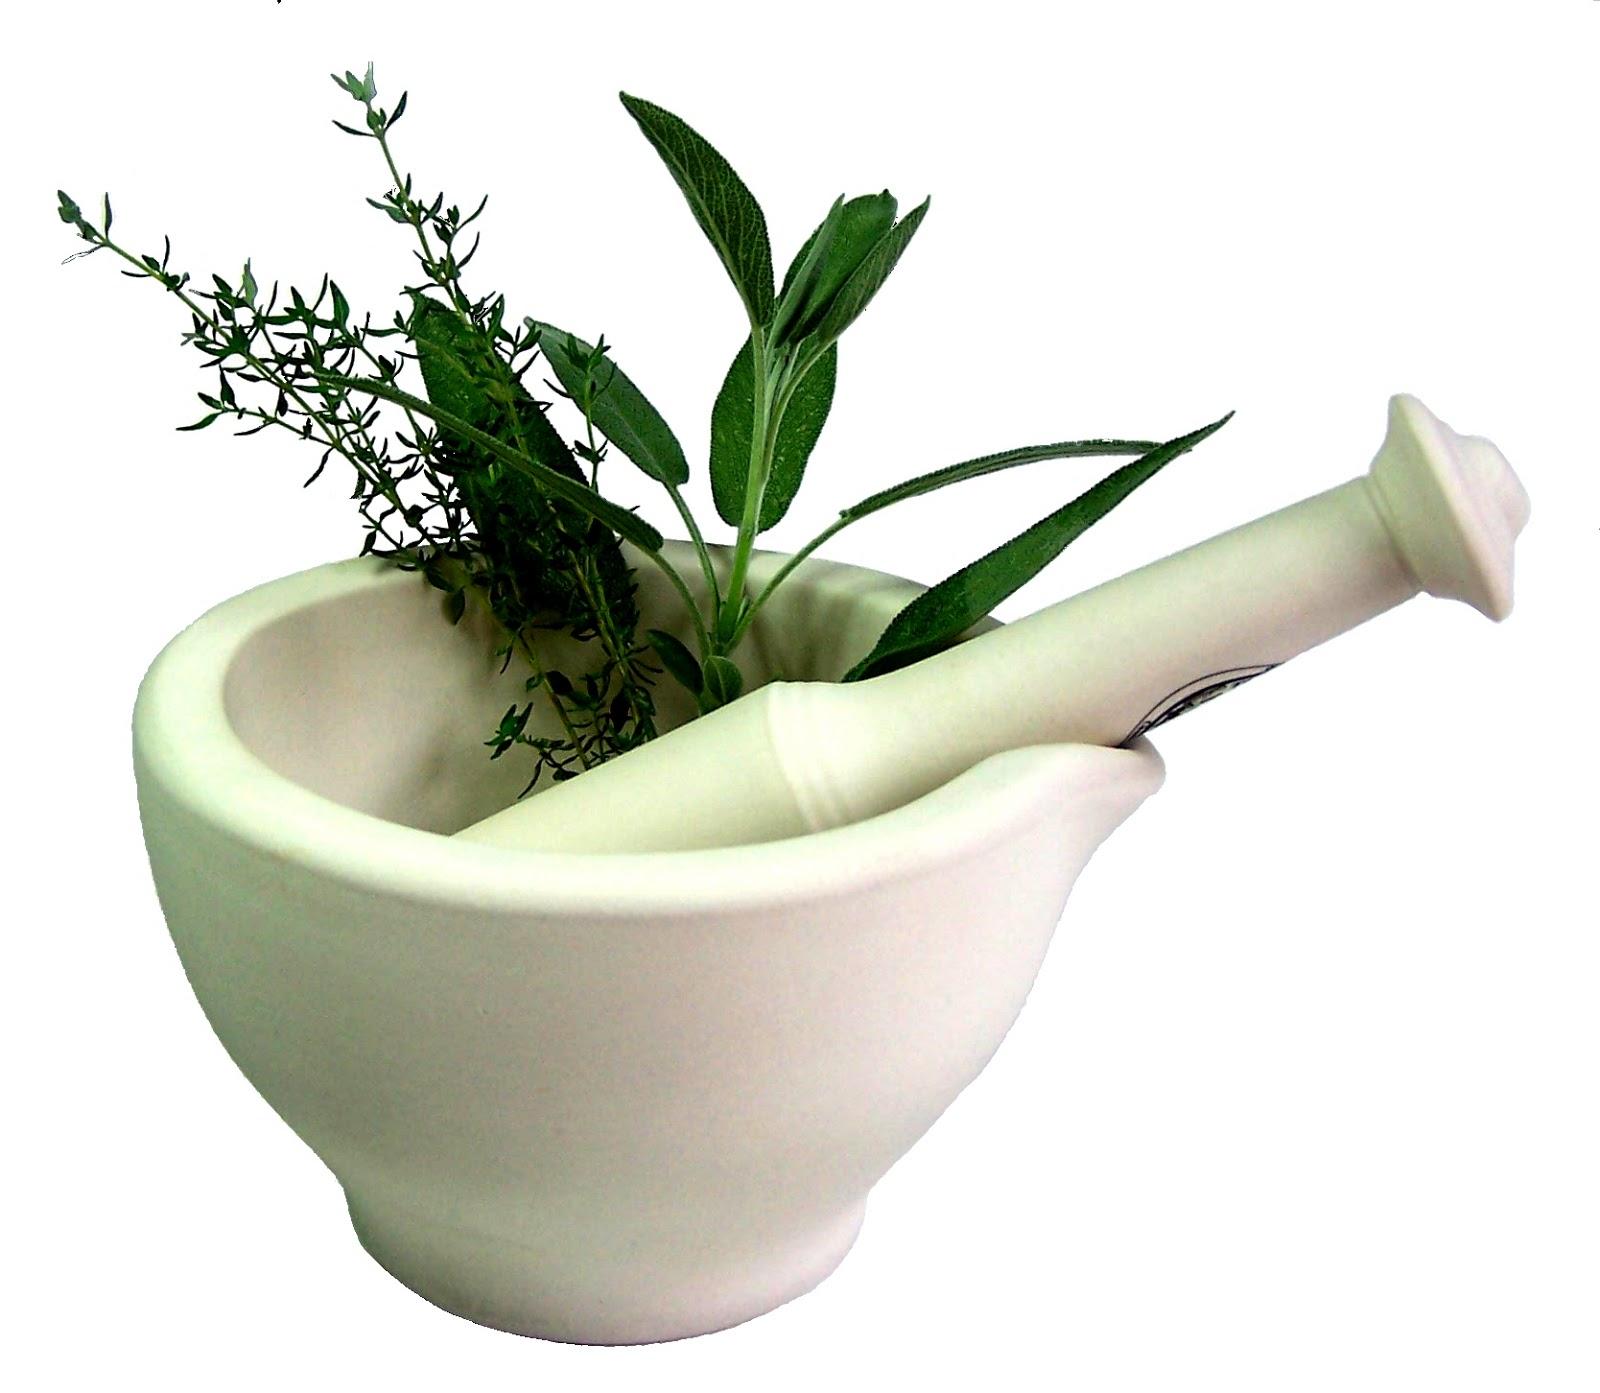 Hierbas medicinales durante el embarazo mujer for Hierbas y plantas medicinales